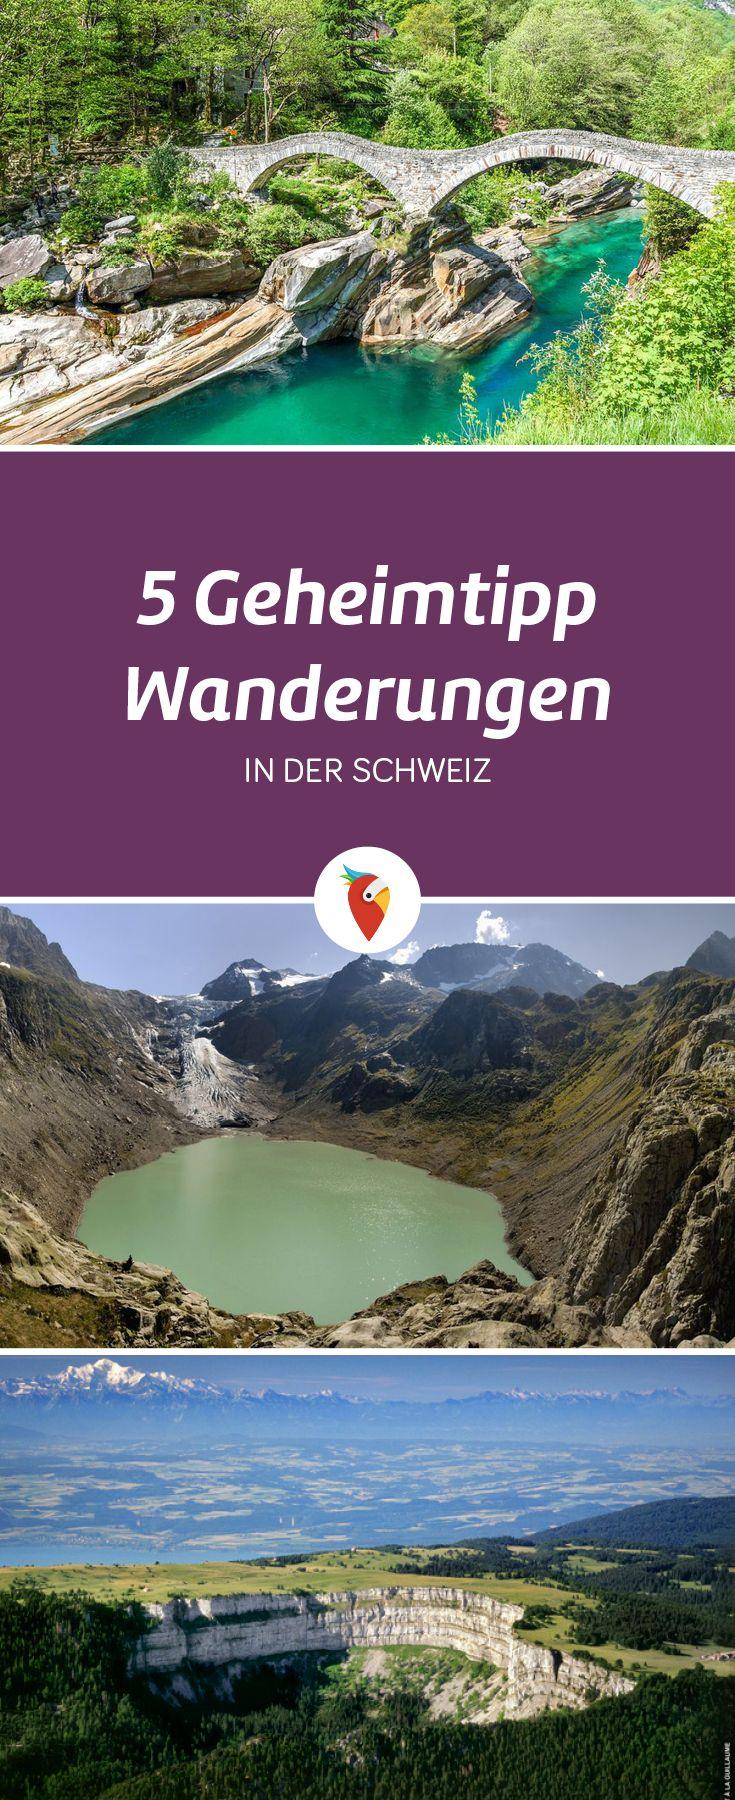 Die fünf schönsten Geheimtipp-Wanderungen in der Schweiz